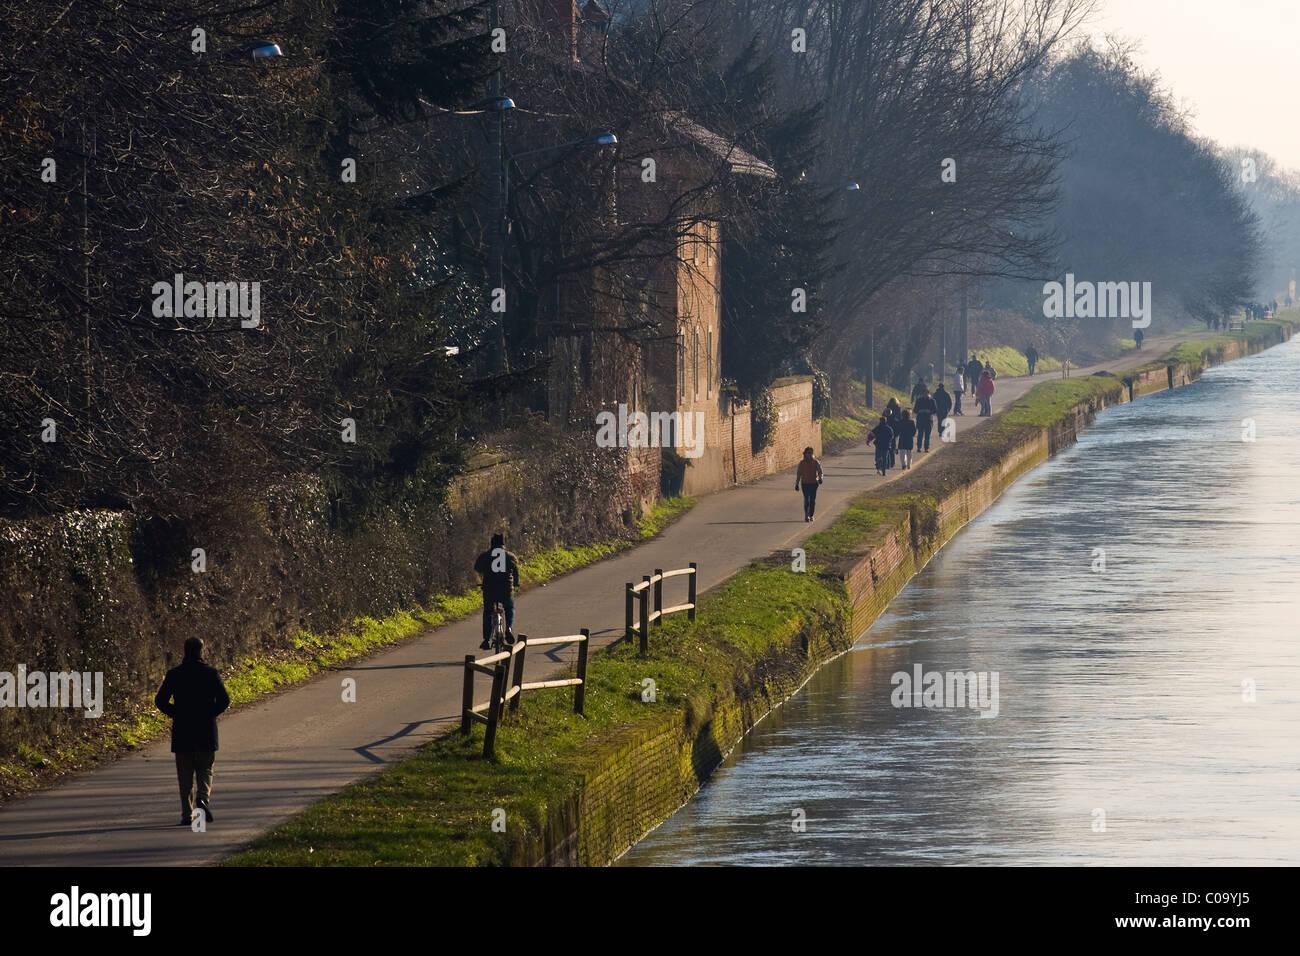 Robecco sul Naviglio, Milan province, Italy Stock Photo